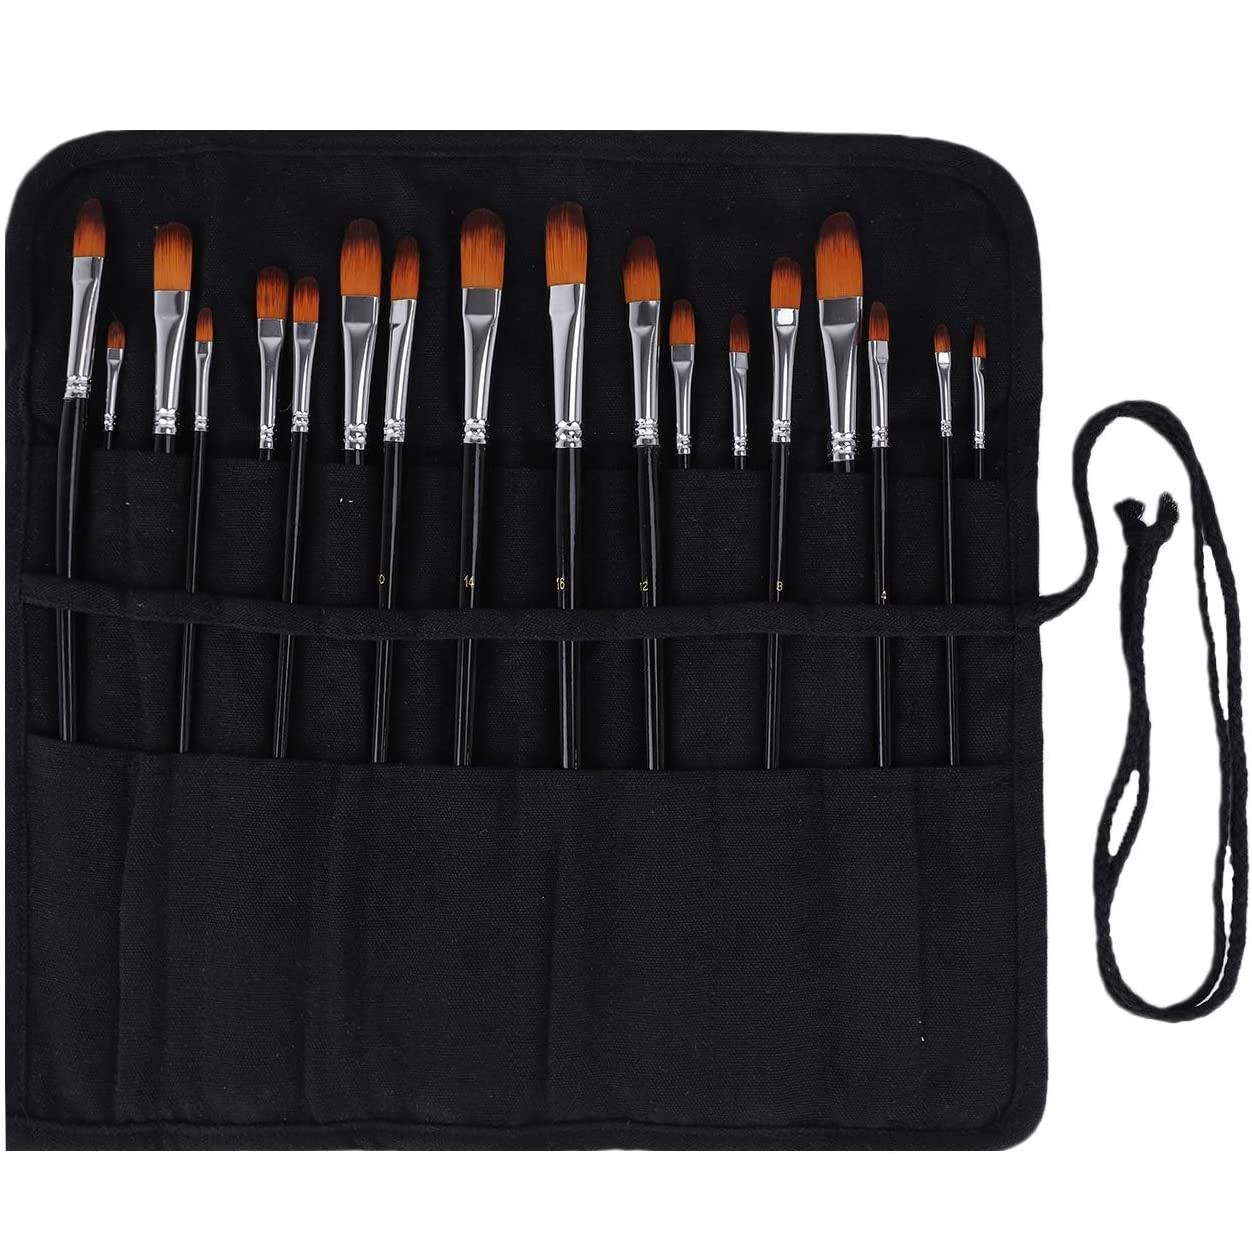 Makeup Brush Holder Artist Brush Bag Brush Organizer Artist Roll Makeup Brush Roll Brush Roll Pen Roll Makeup Brush Travel Bag